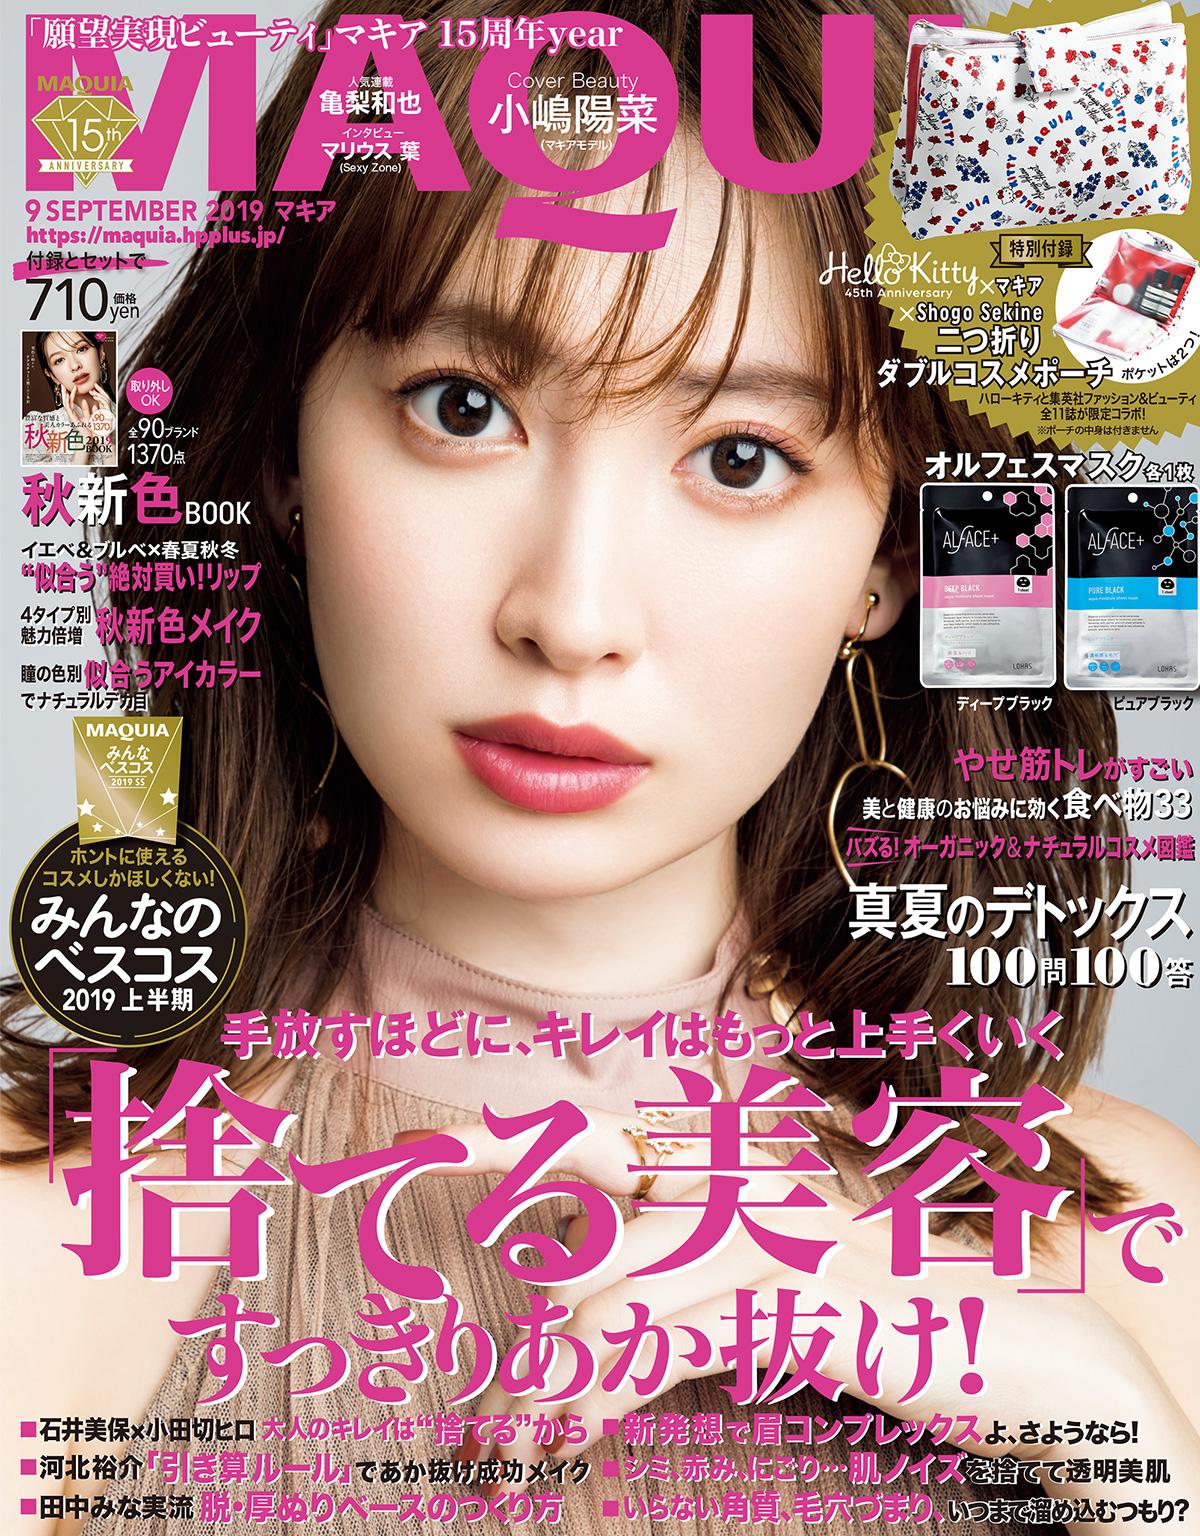 2019年7月22日発売号